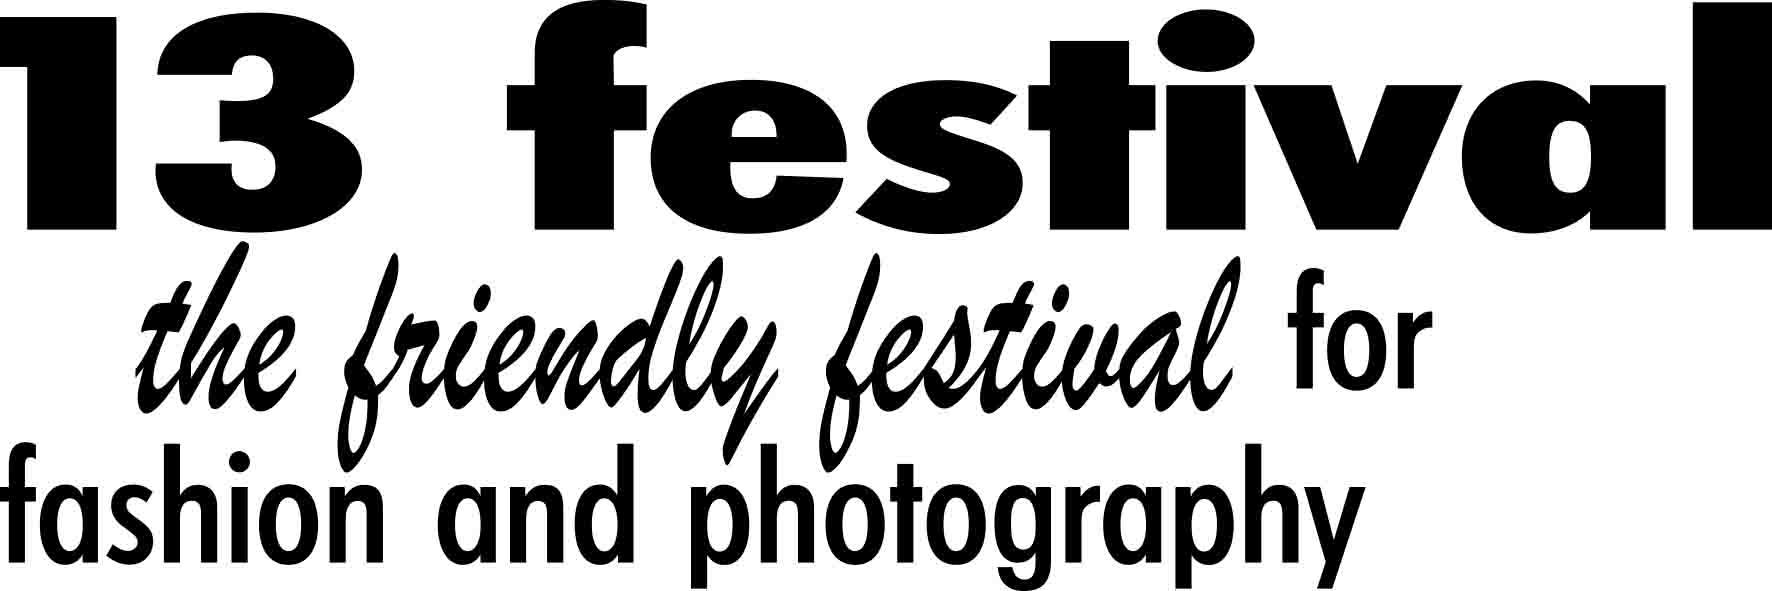 13festival Logo SW black